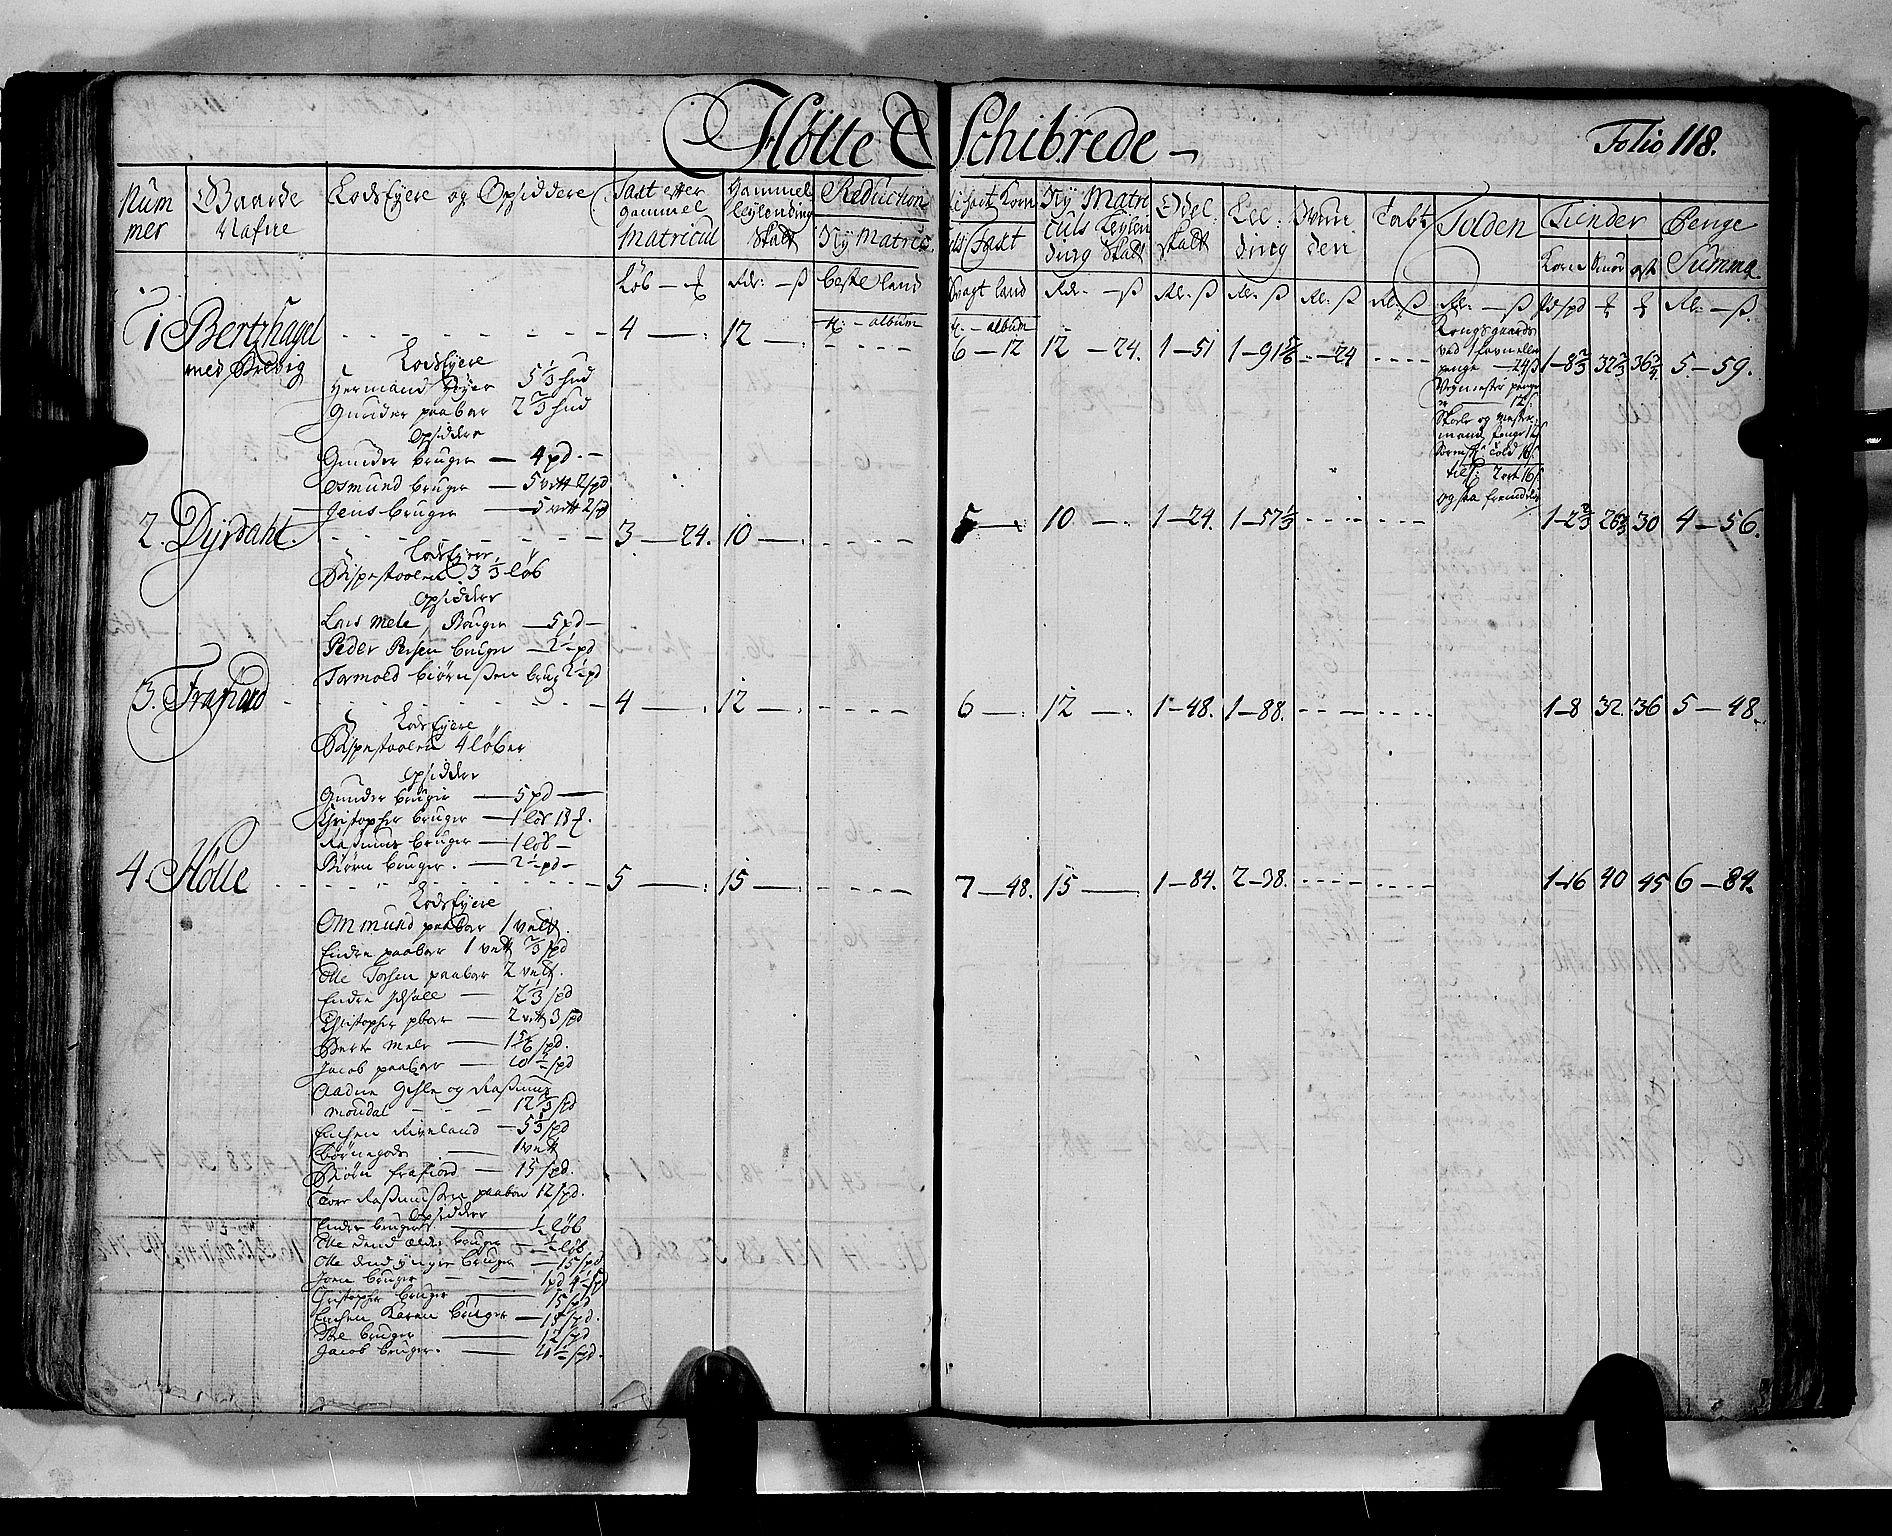 RA, Rentekammeret inntil 1814, Realistisk ordnet avdeling, N/Nb/Nbf/L0133b: Ryfylke matrikkelprotokoll, 1723, s. 117b-118a